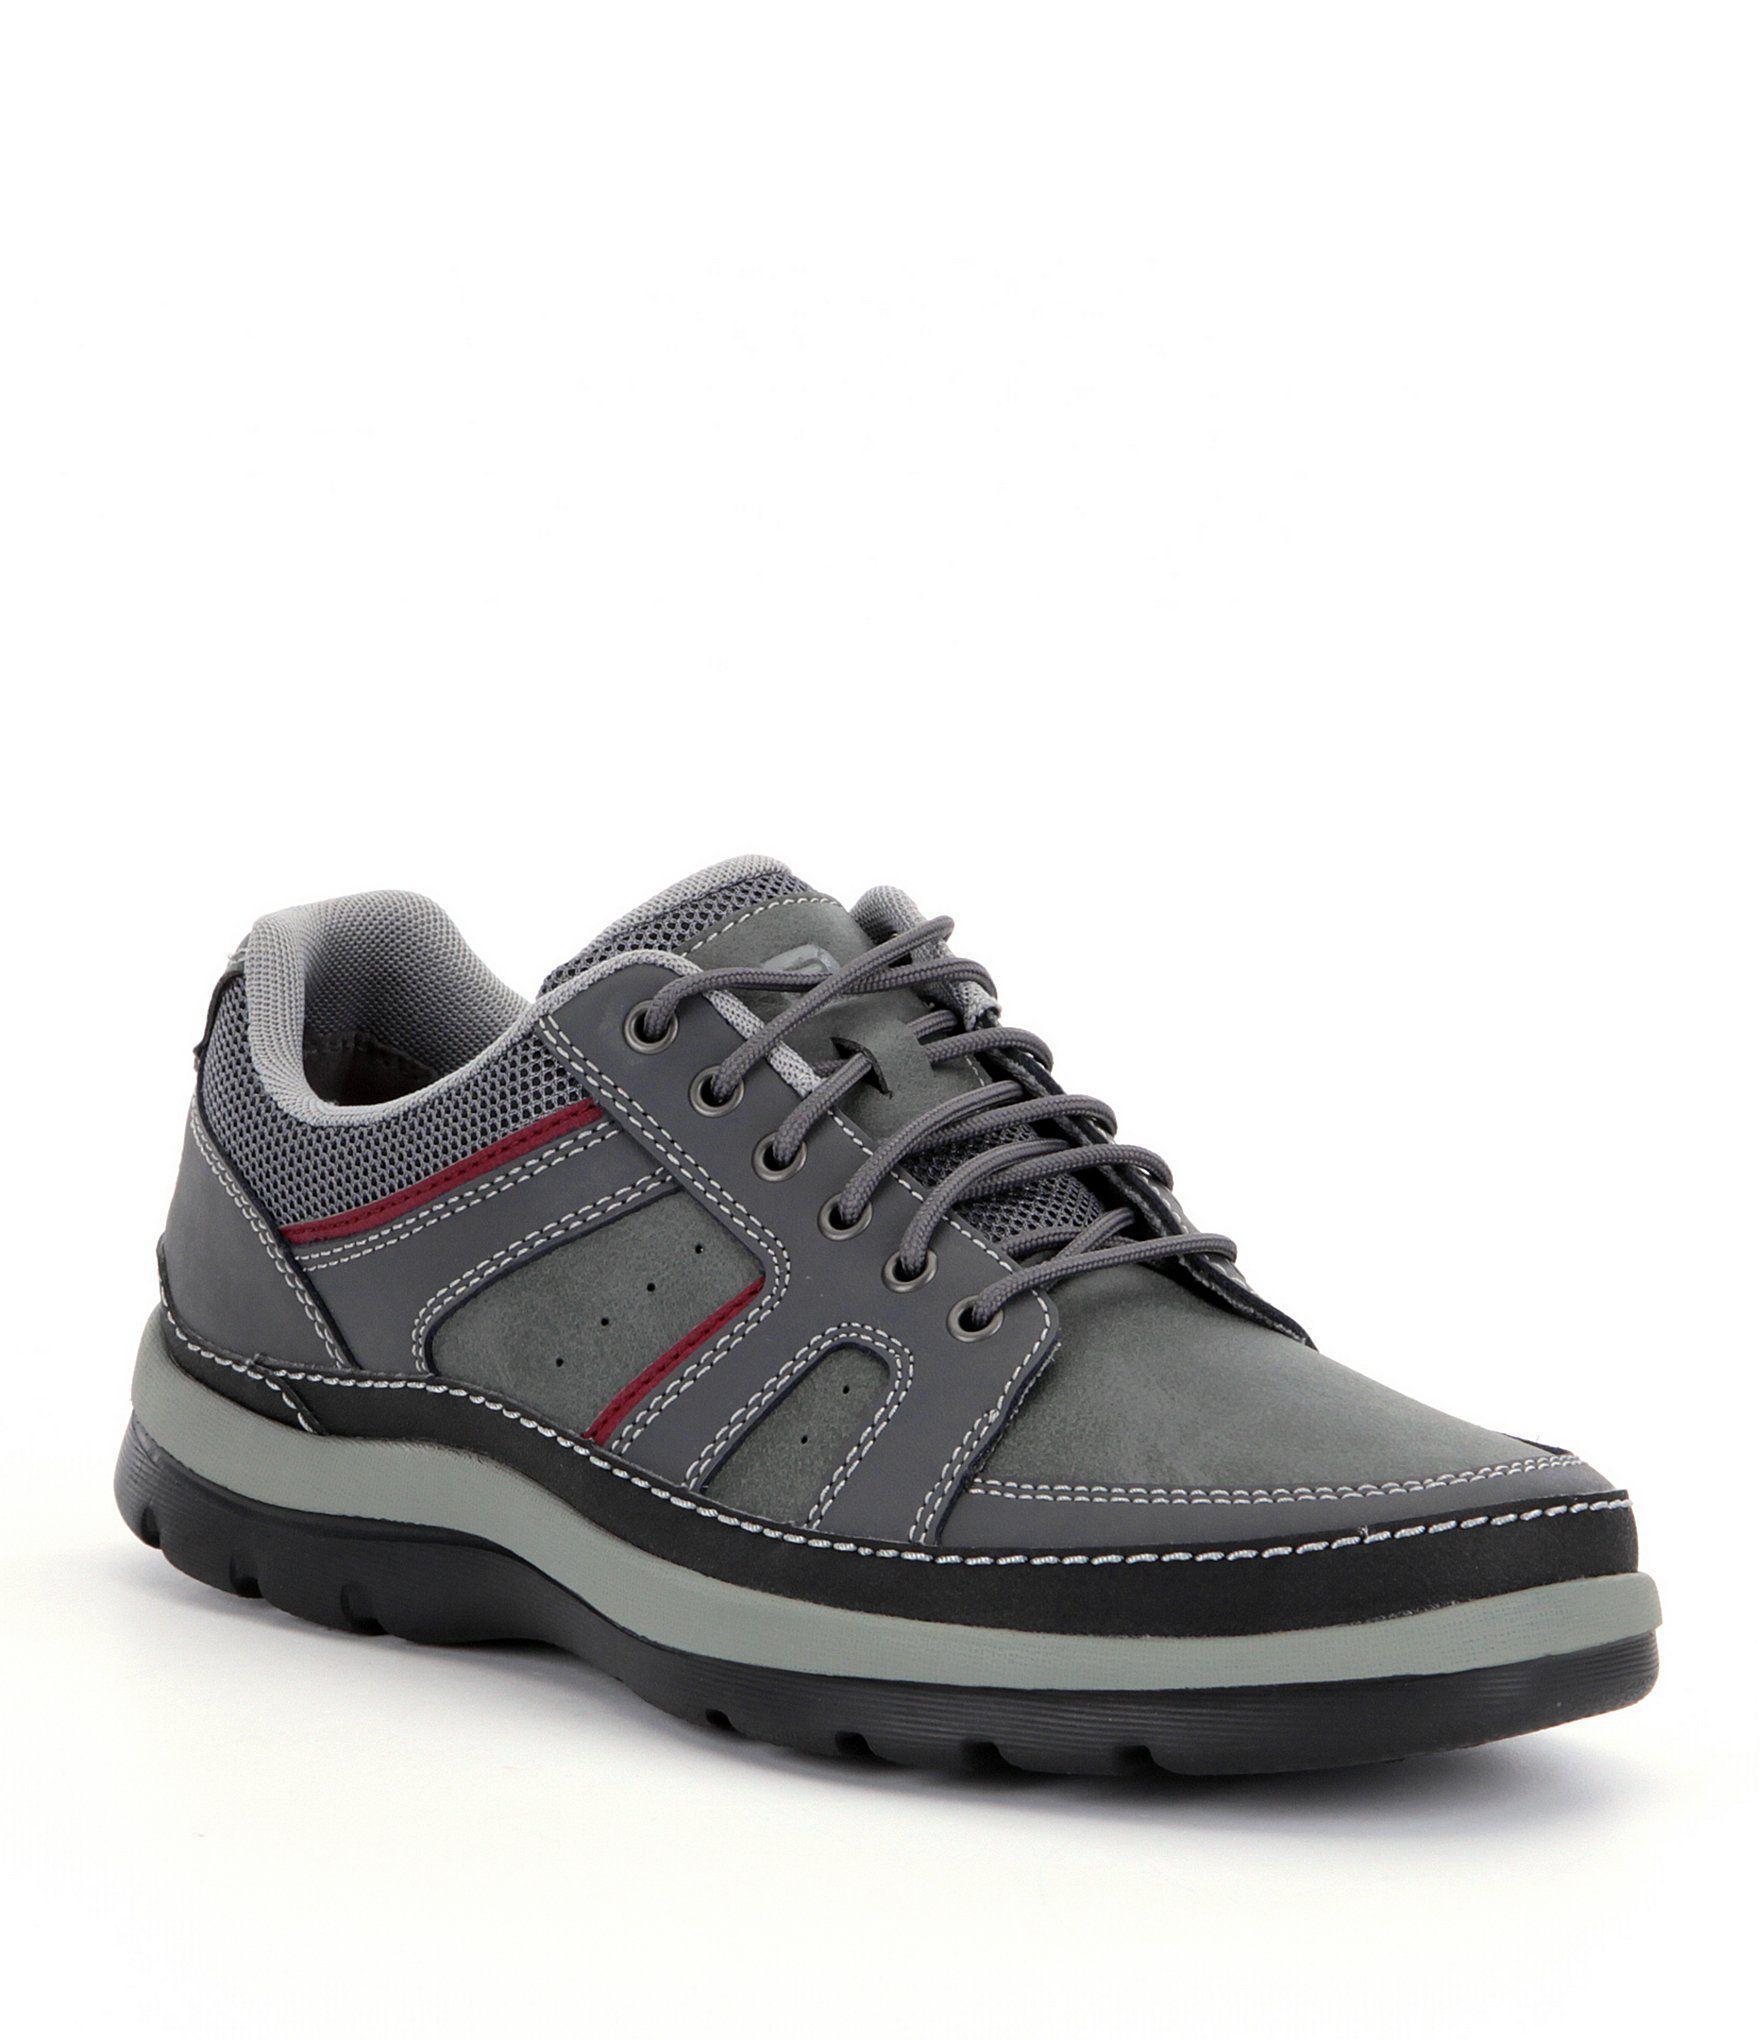 lägsta pris utförsäljning köp på nätet Rockport Men's Get Your Kicks Mudguard Blucher Sneakers ...